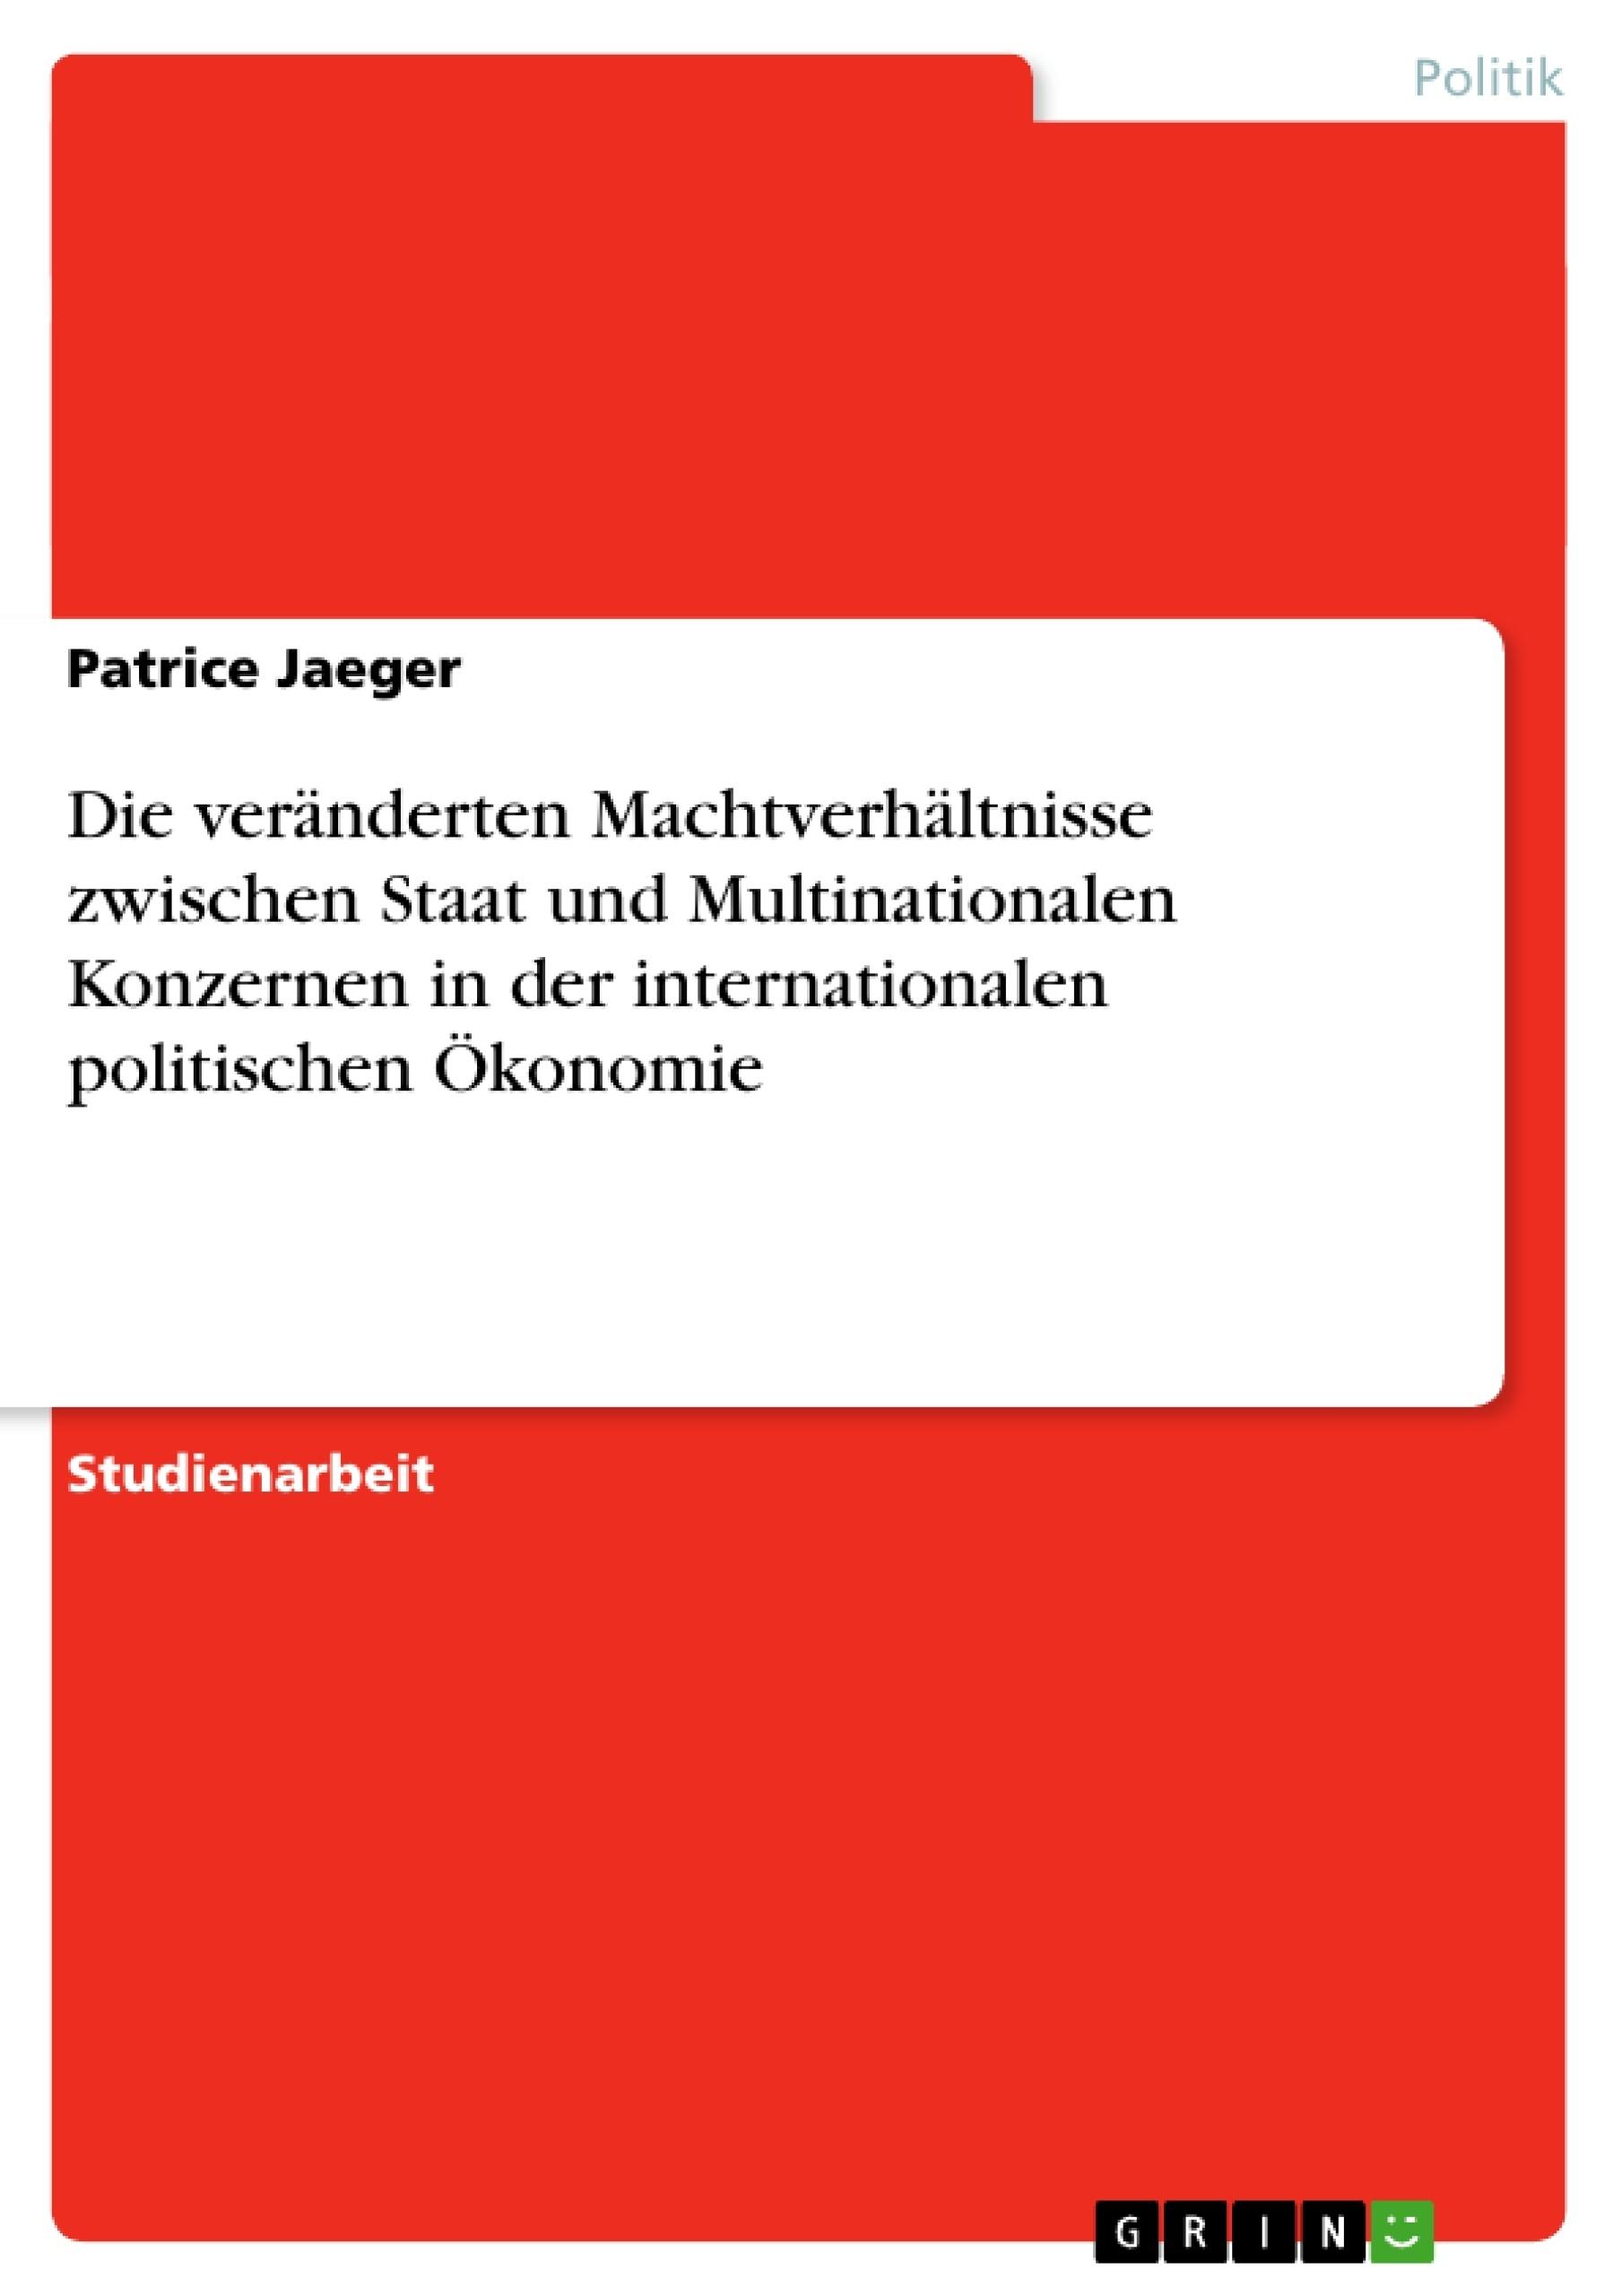 Titel: Die veränderten Machtverhältnisse zwischen Staat und Multinationalen Konzernen in der internationalen politischen Ökonomie